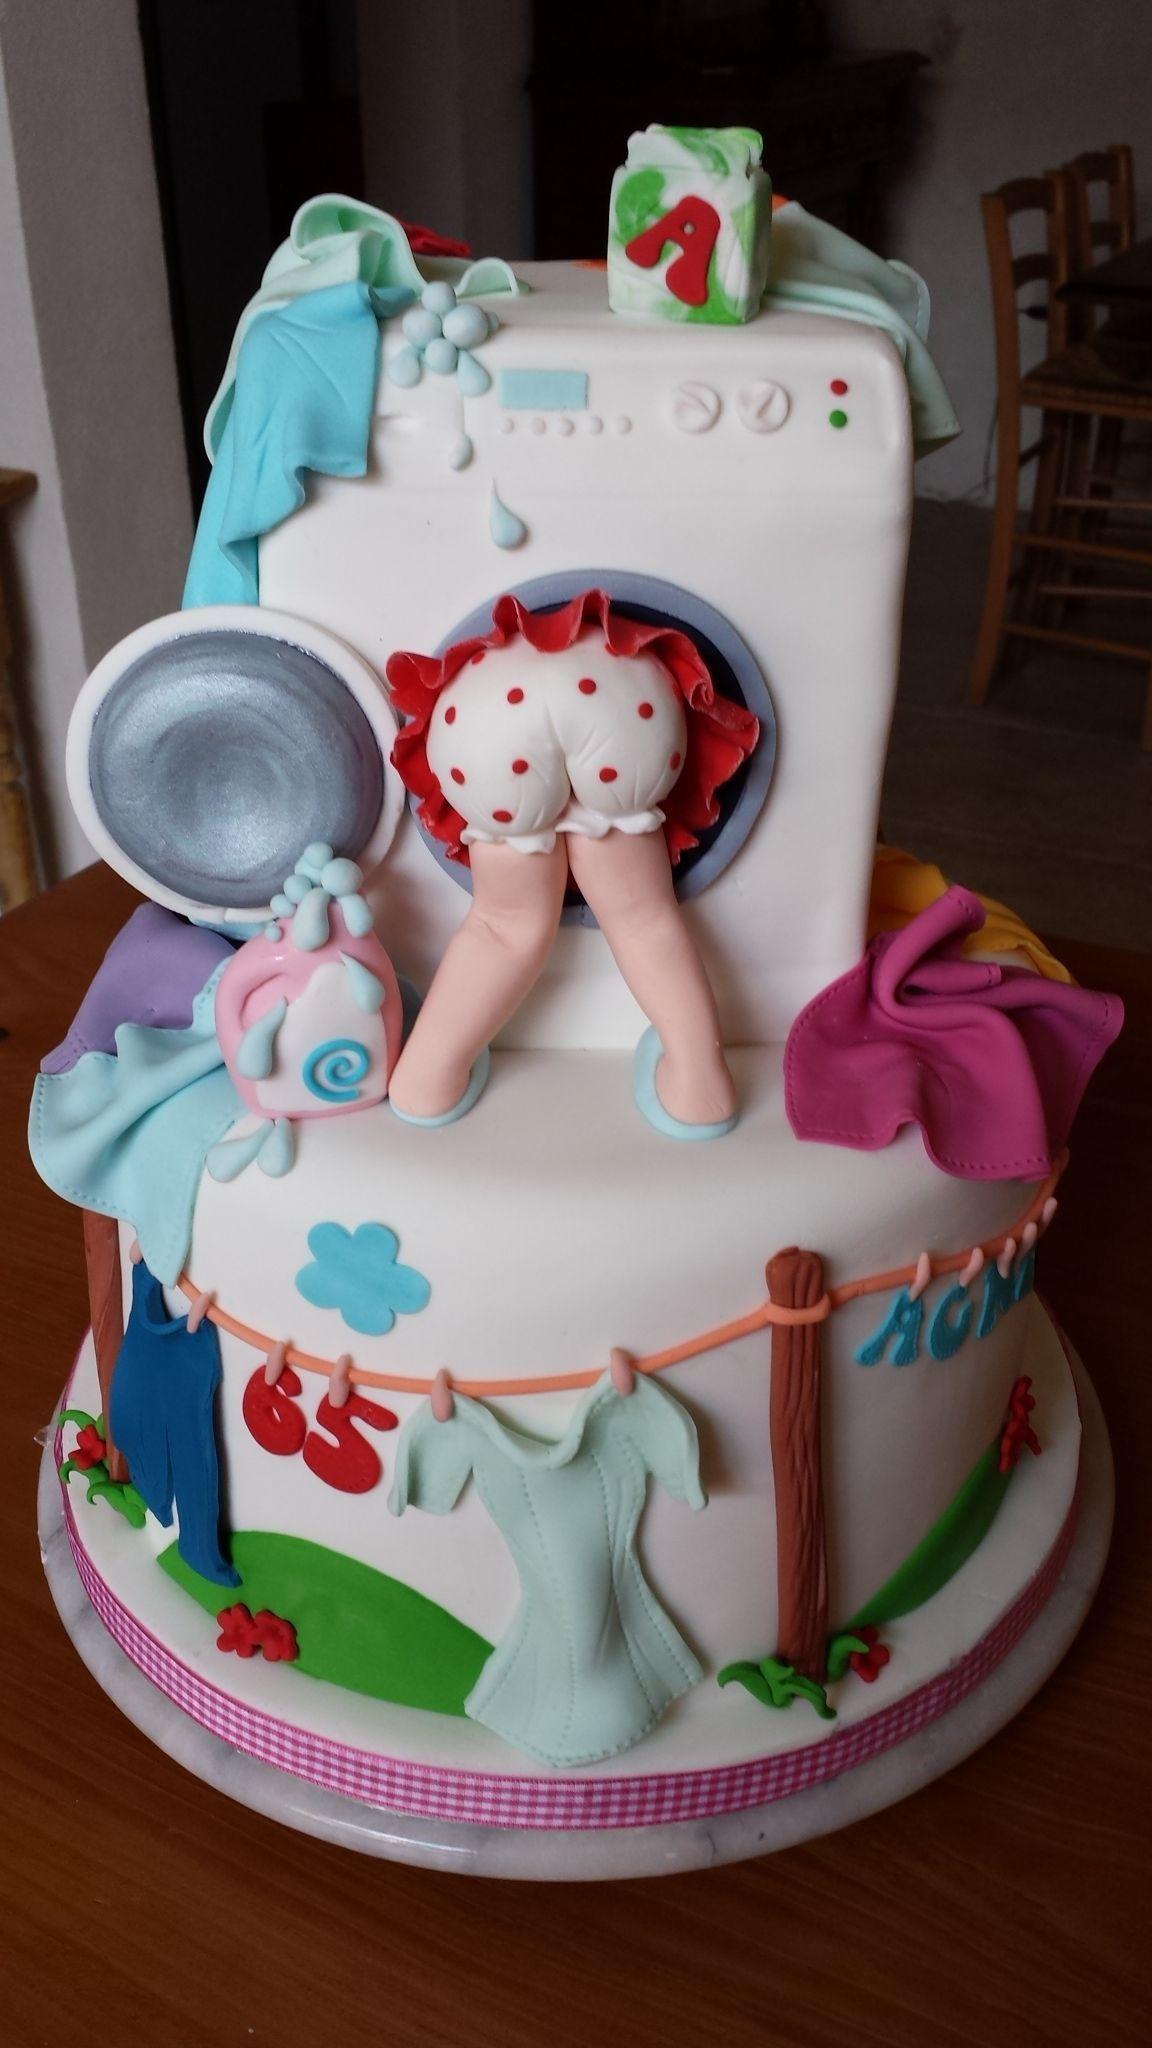 Laundry Cake Cute Cakes Pinterest Laundry Cake and Amazing cakes